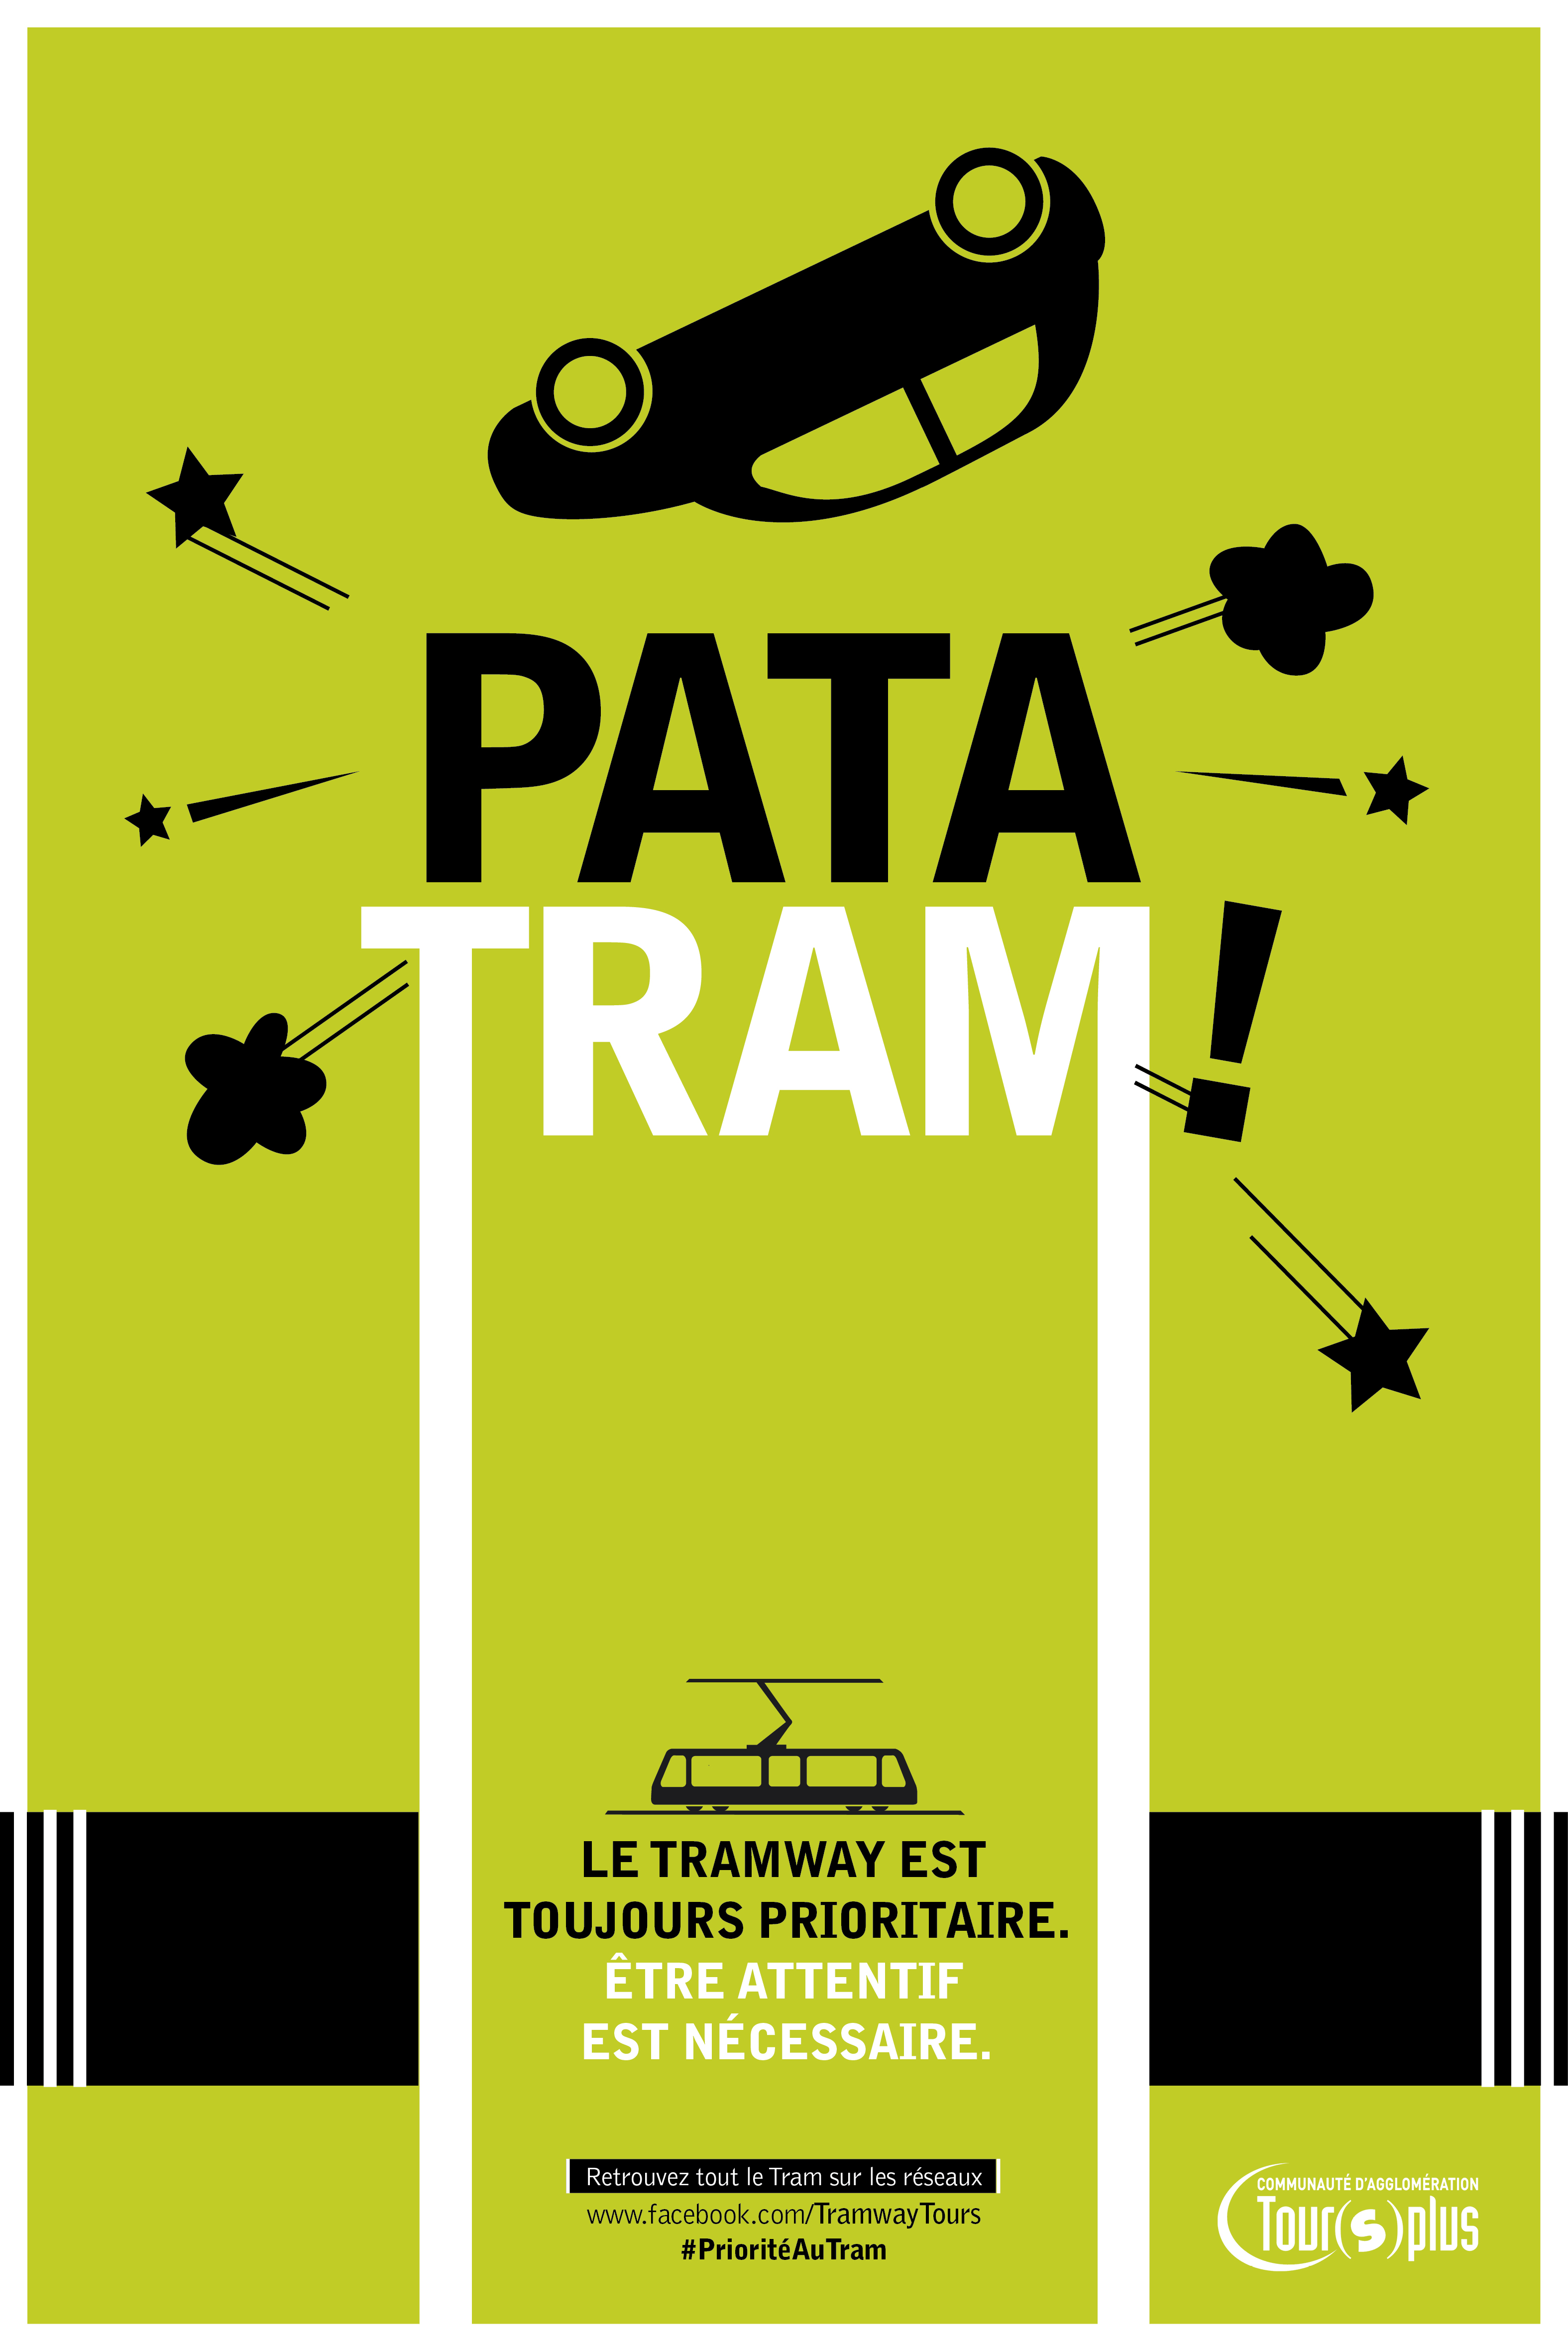 Patatram2